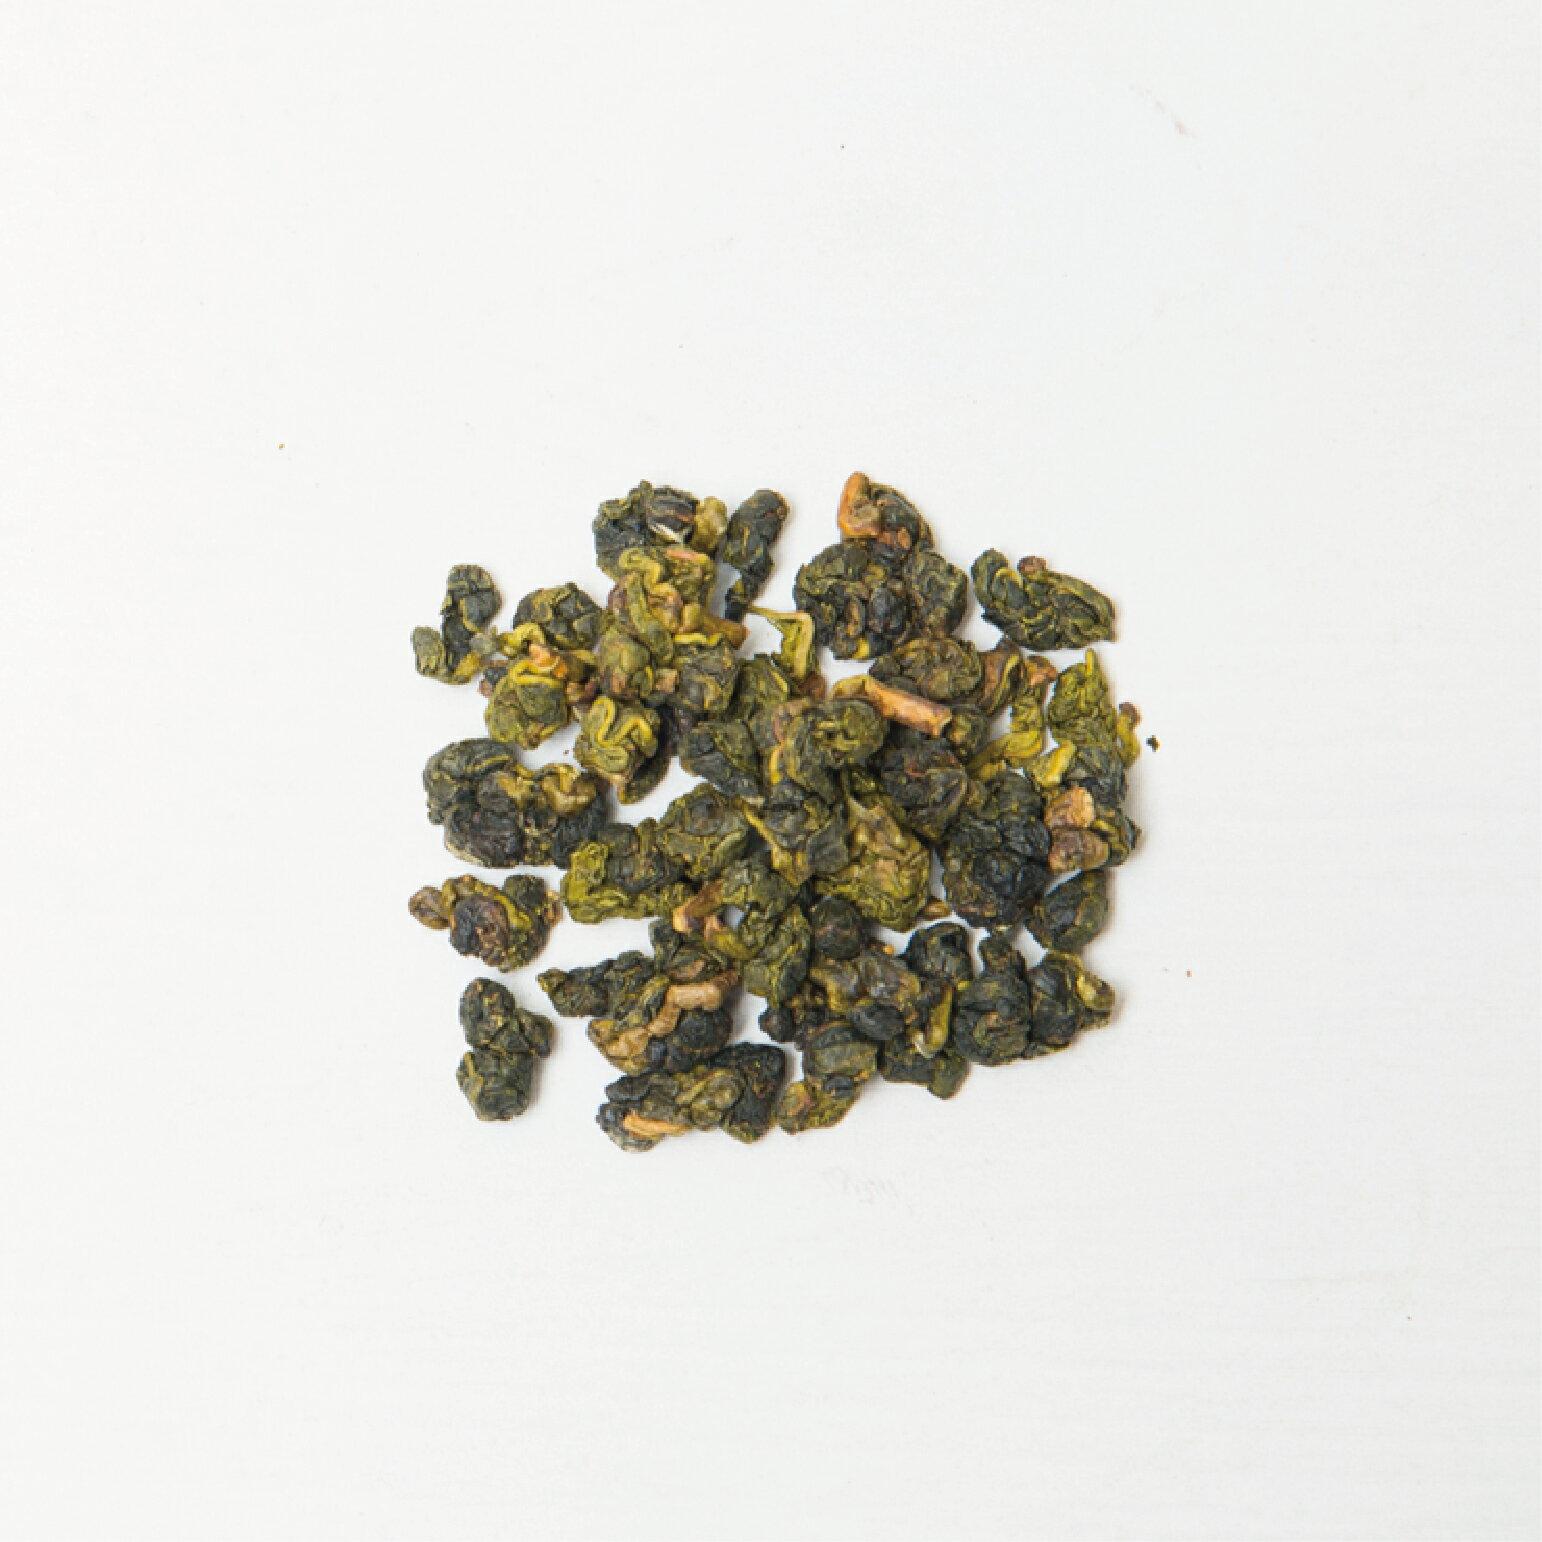 【杜爾德洋行 Dodd Tea】嚴選四季烏龍茶立體茶包12入 【台灣鳳蝶紀念版】 3